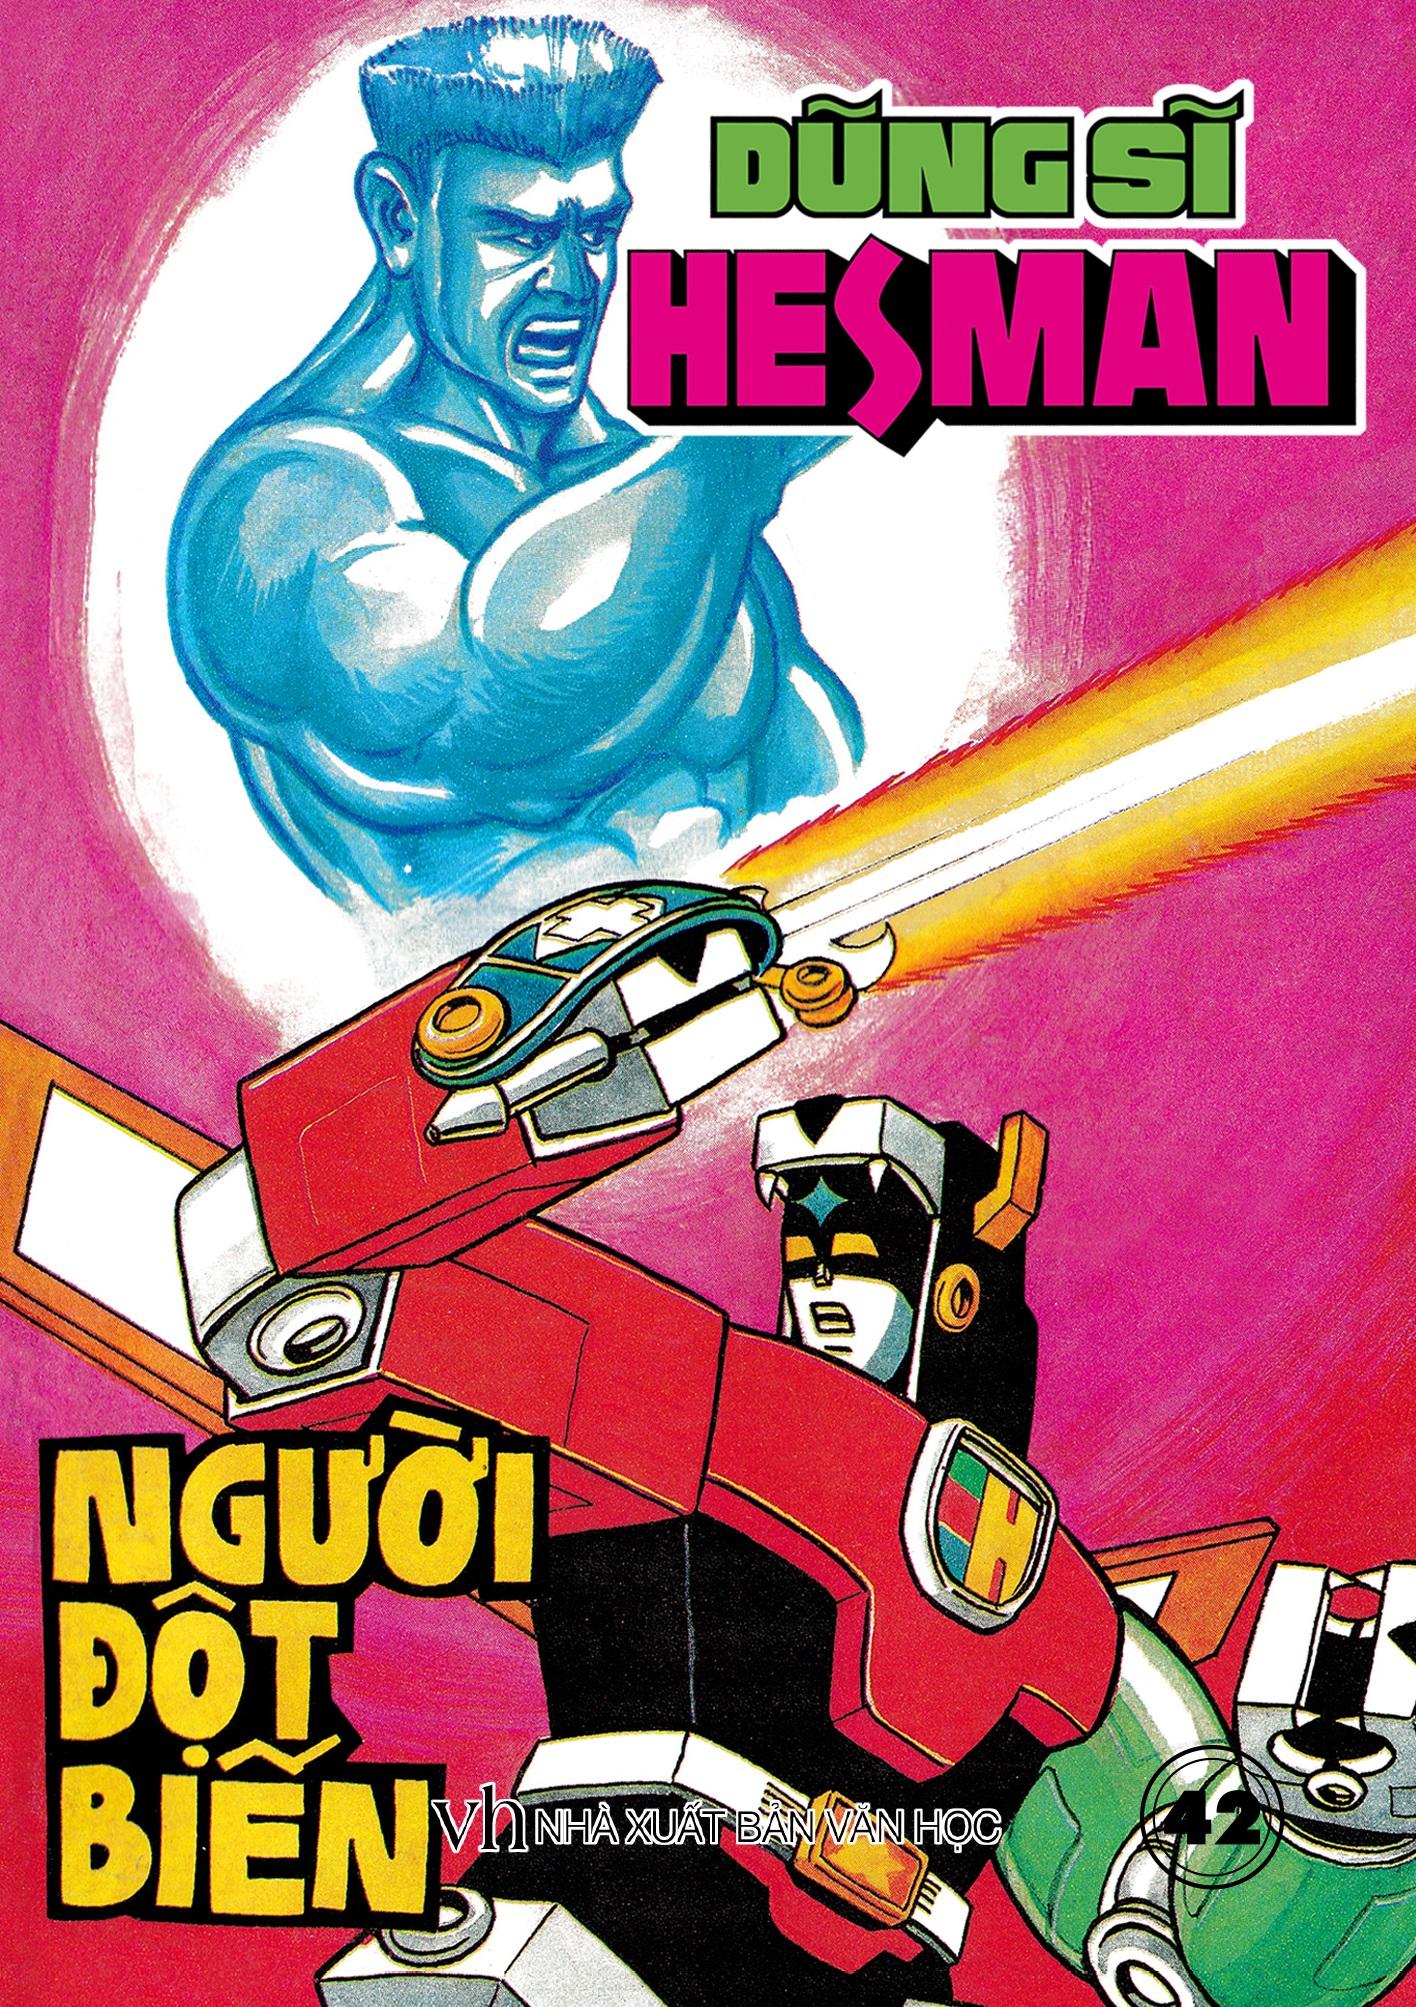 Boxset 9 : 5 tập Dũng Sĩ HesMan ( Từ tập 41 đến tập 45 )